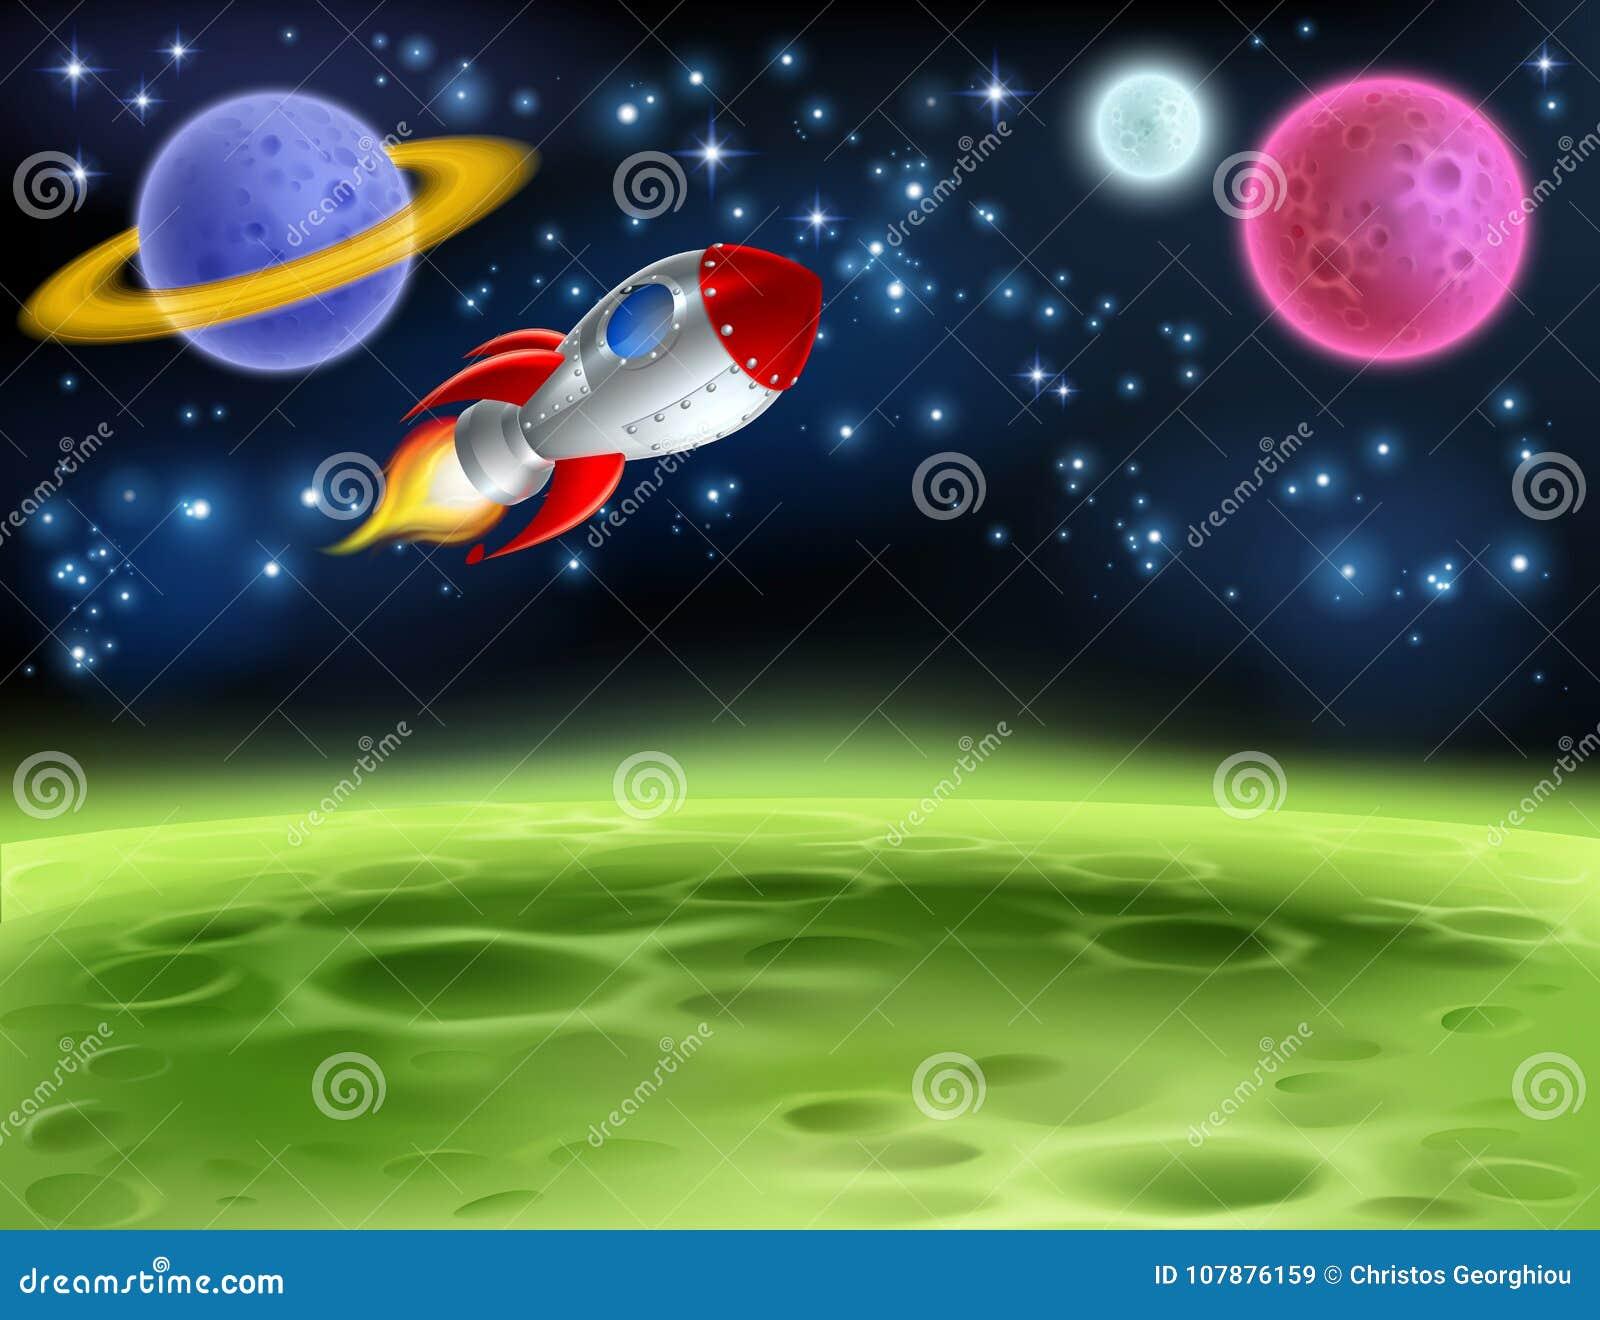 Предпосылка шаржа планеты космического пространства